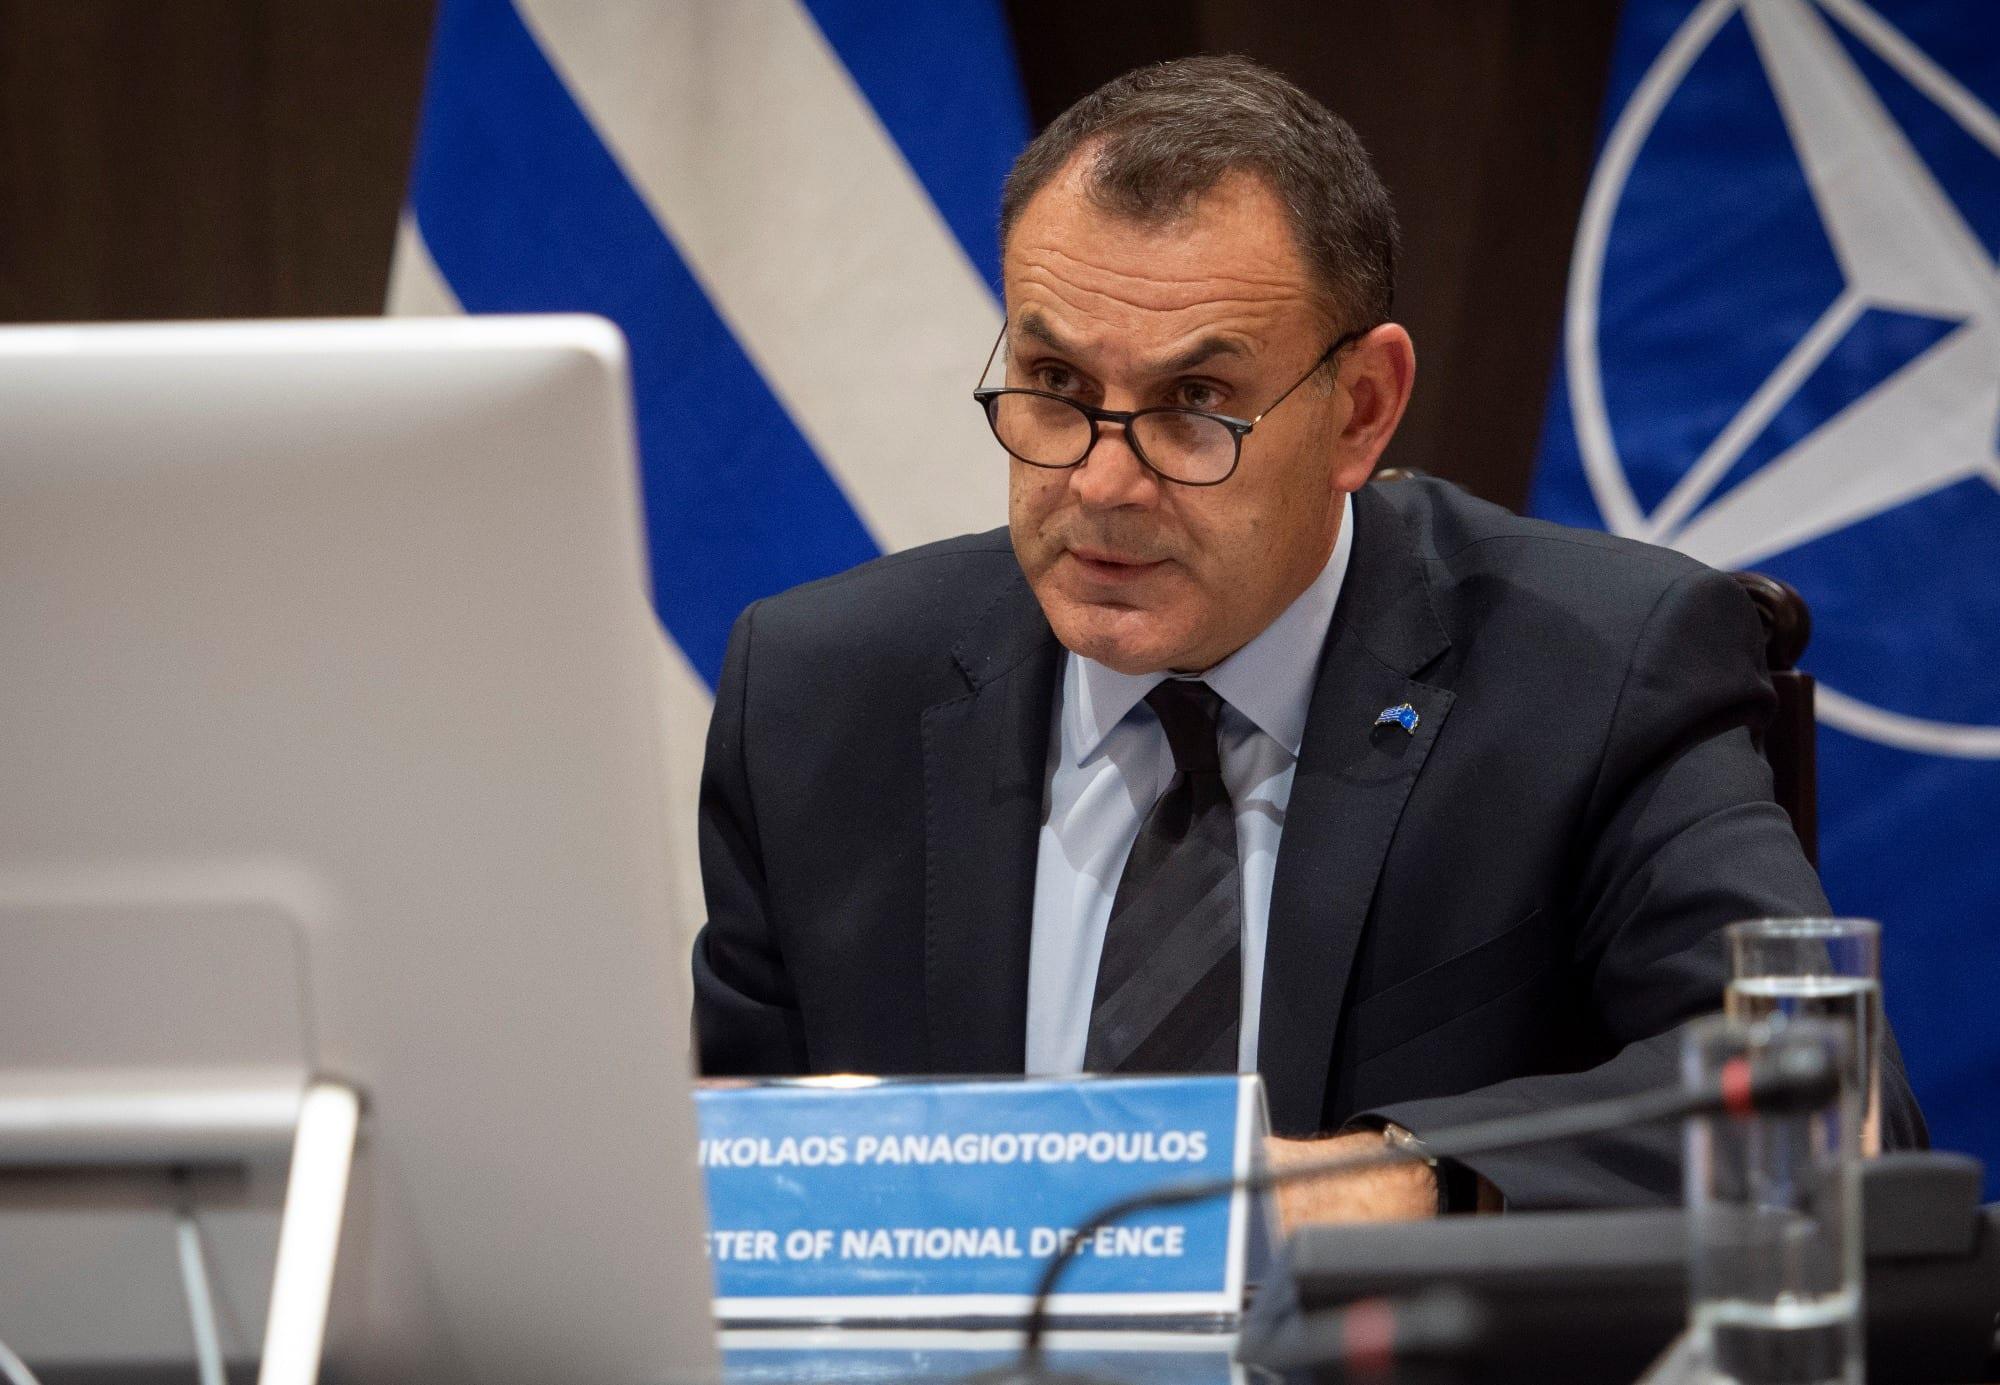 Ο υπουργός Εθνικής Άμυνας παίρνει θέση για τα Μ1117 και τη ΓΔΑΕΕ - Τι απαντά επισήμως στην Βουλή για τις καθυστερήσεις που έχουν σημειωθεί